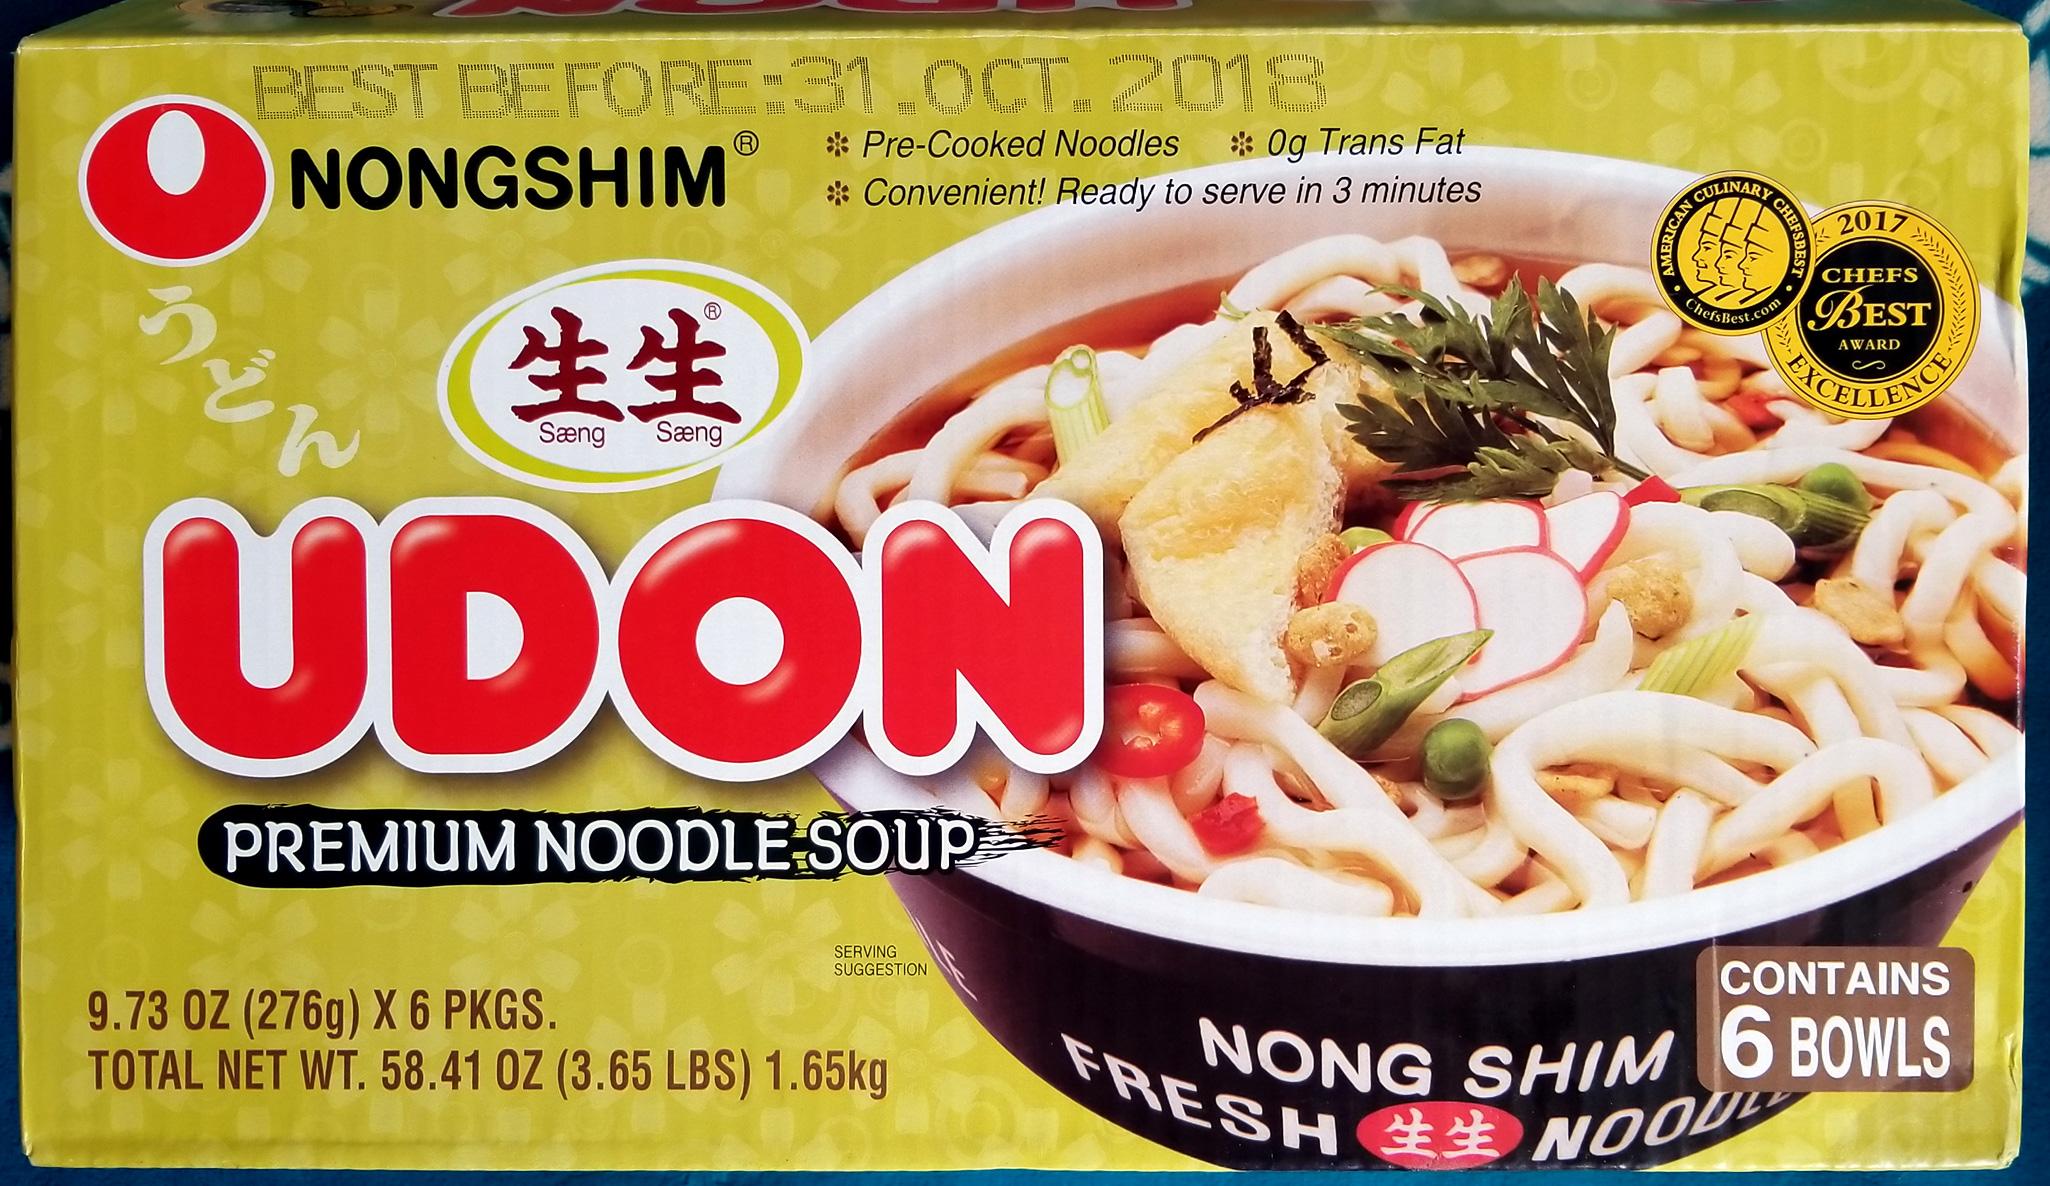 Costco Eats: Nongshim® Udon Premium Noodle Soup – Tasty Island